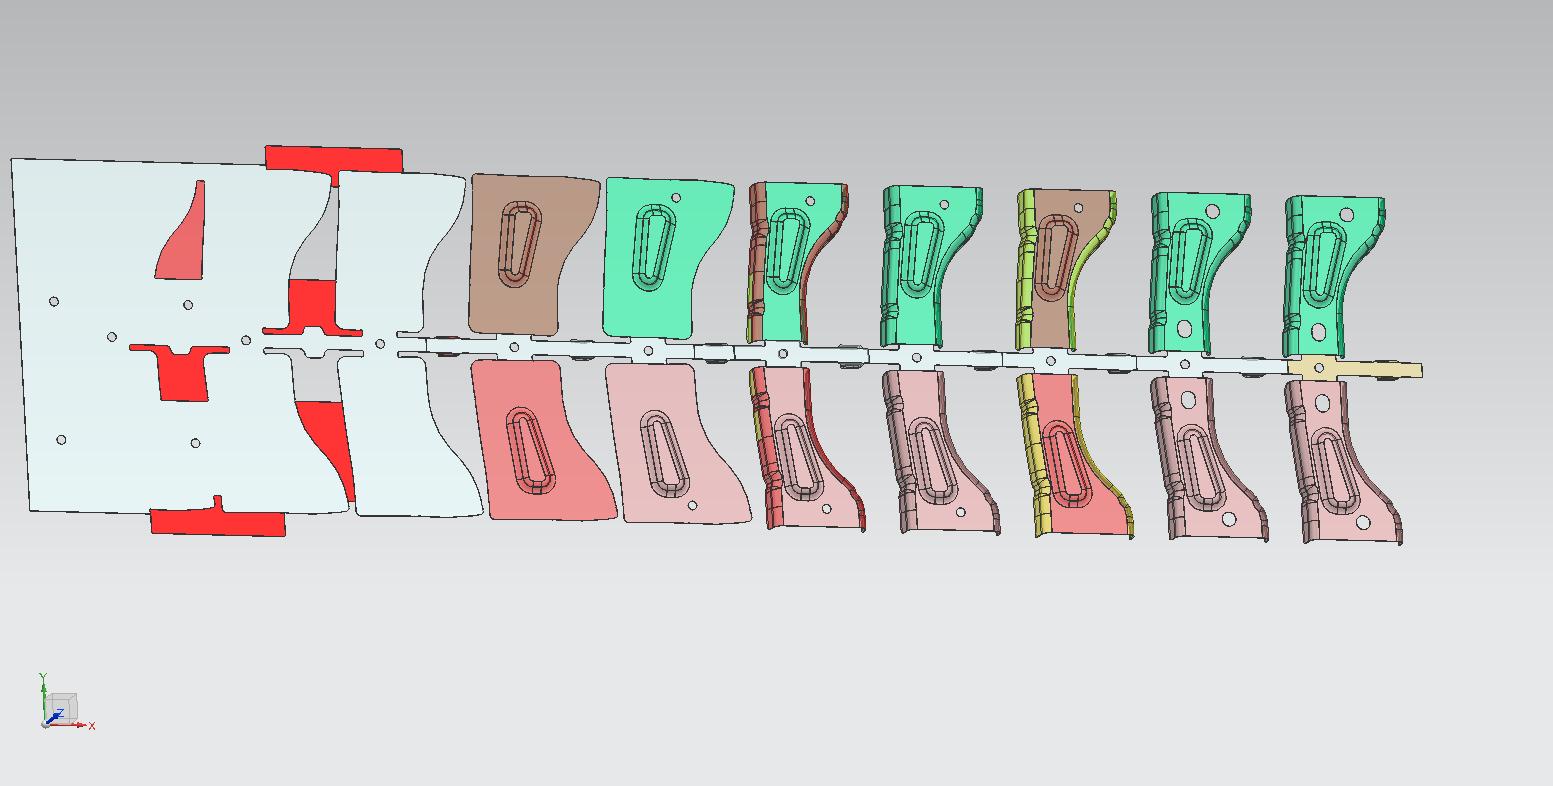 象山模具设计与v价格价格行业内学员透明点缀课程价格室内设计中色彩的所有图片